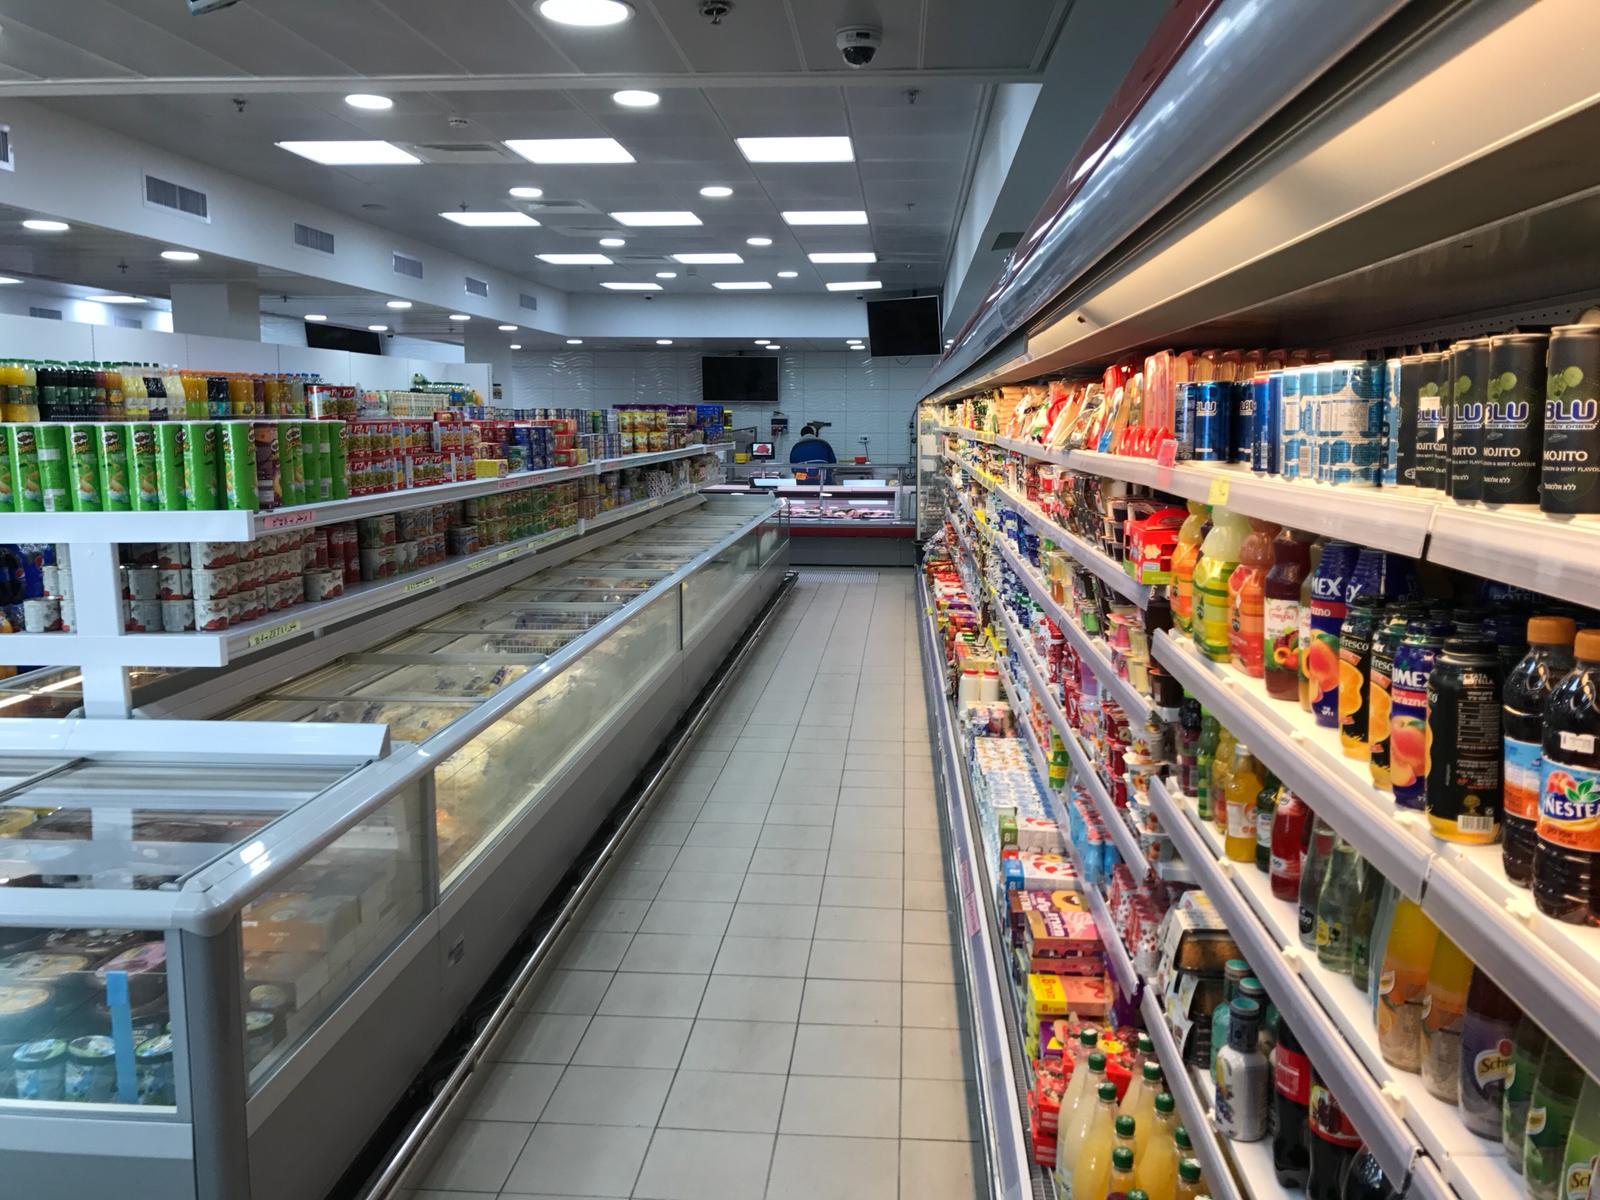 פרויקט מרכז המזון אלואחה (5)